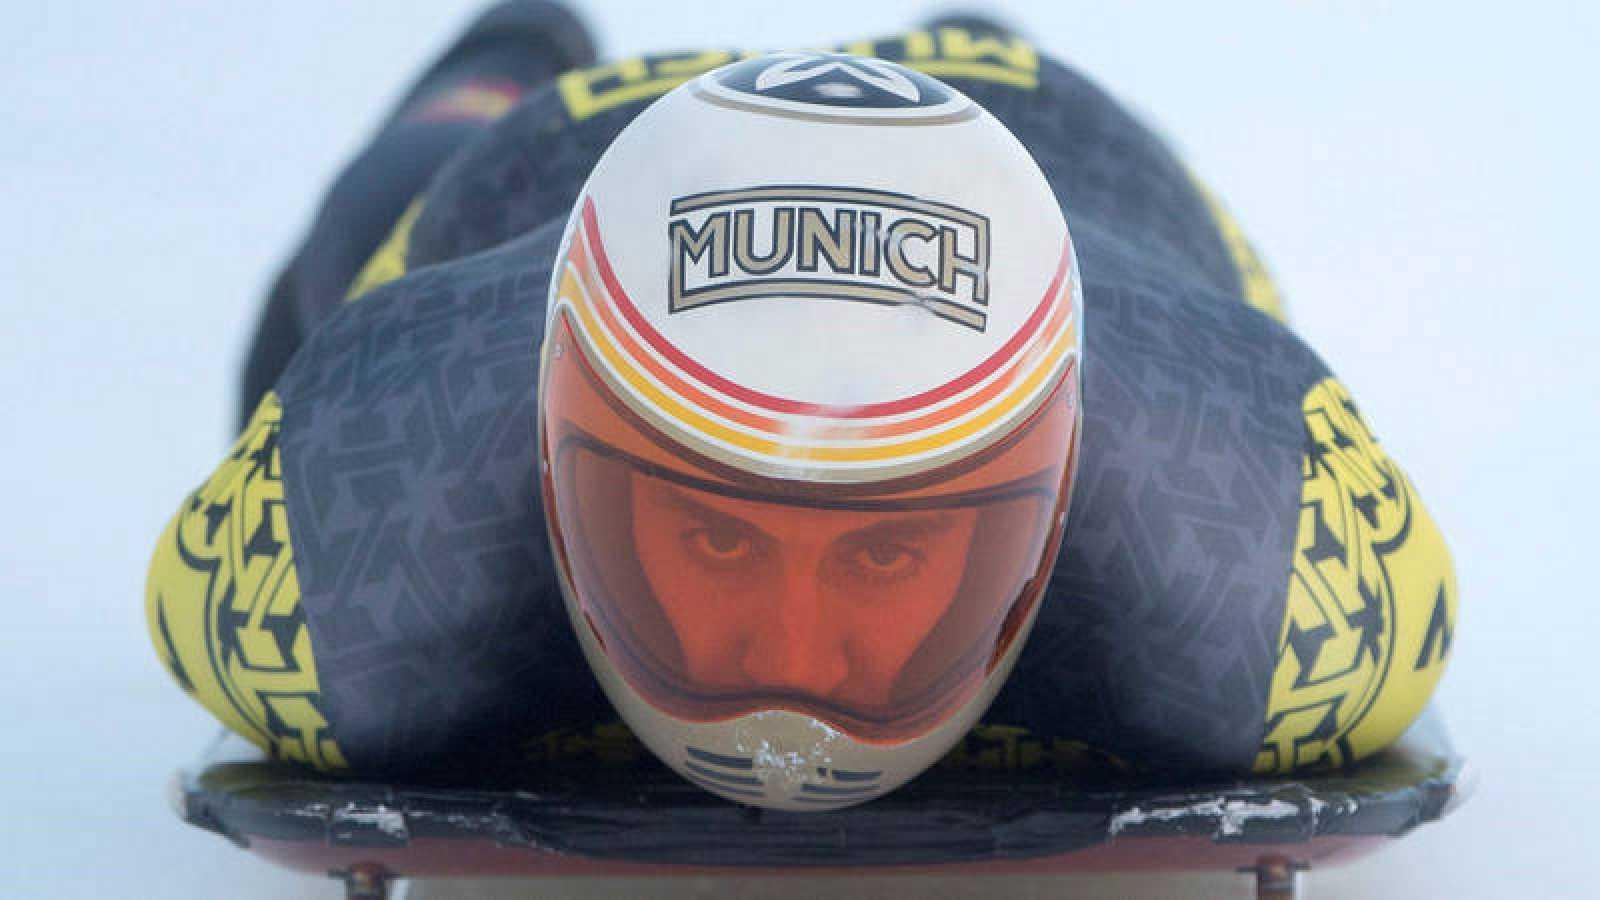 El piloto de skeleton español Anfer Mirambell en acción durante un entrenamiento perteneciente a la Copa Intercontinental de skeleton, disputada en St. Moritz (Suiza).